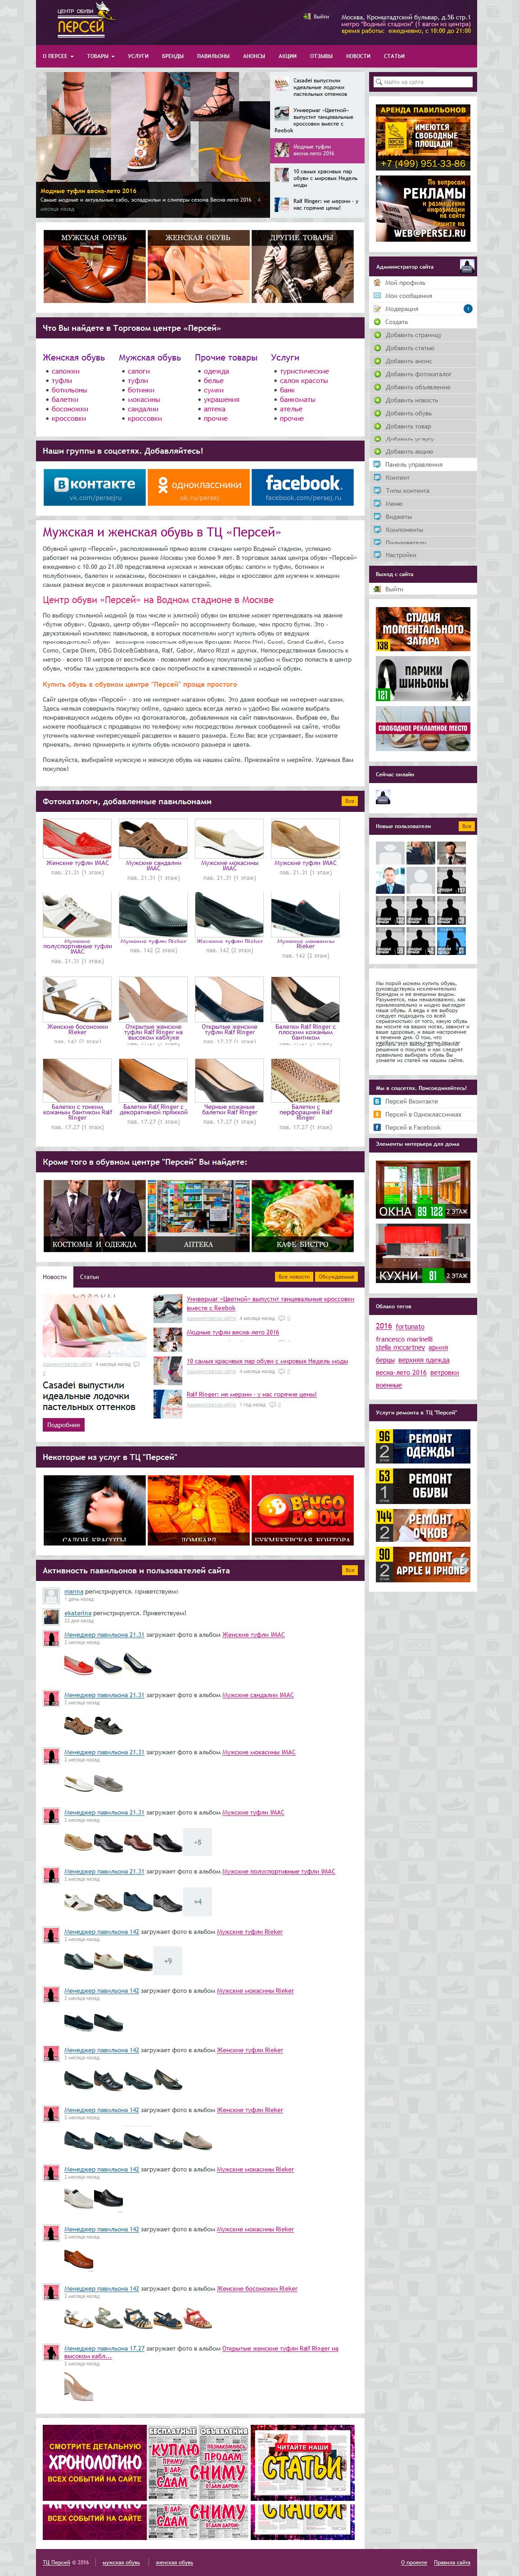 Внешний вид дизайна сайта PERSEJ.RU при просмотре на компьютере